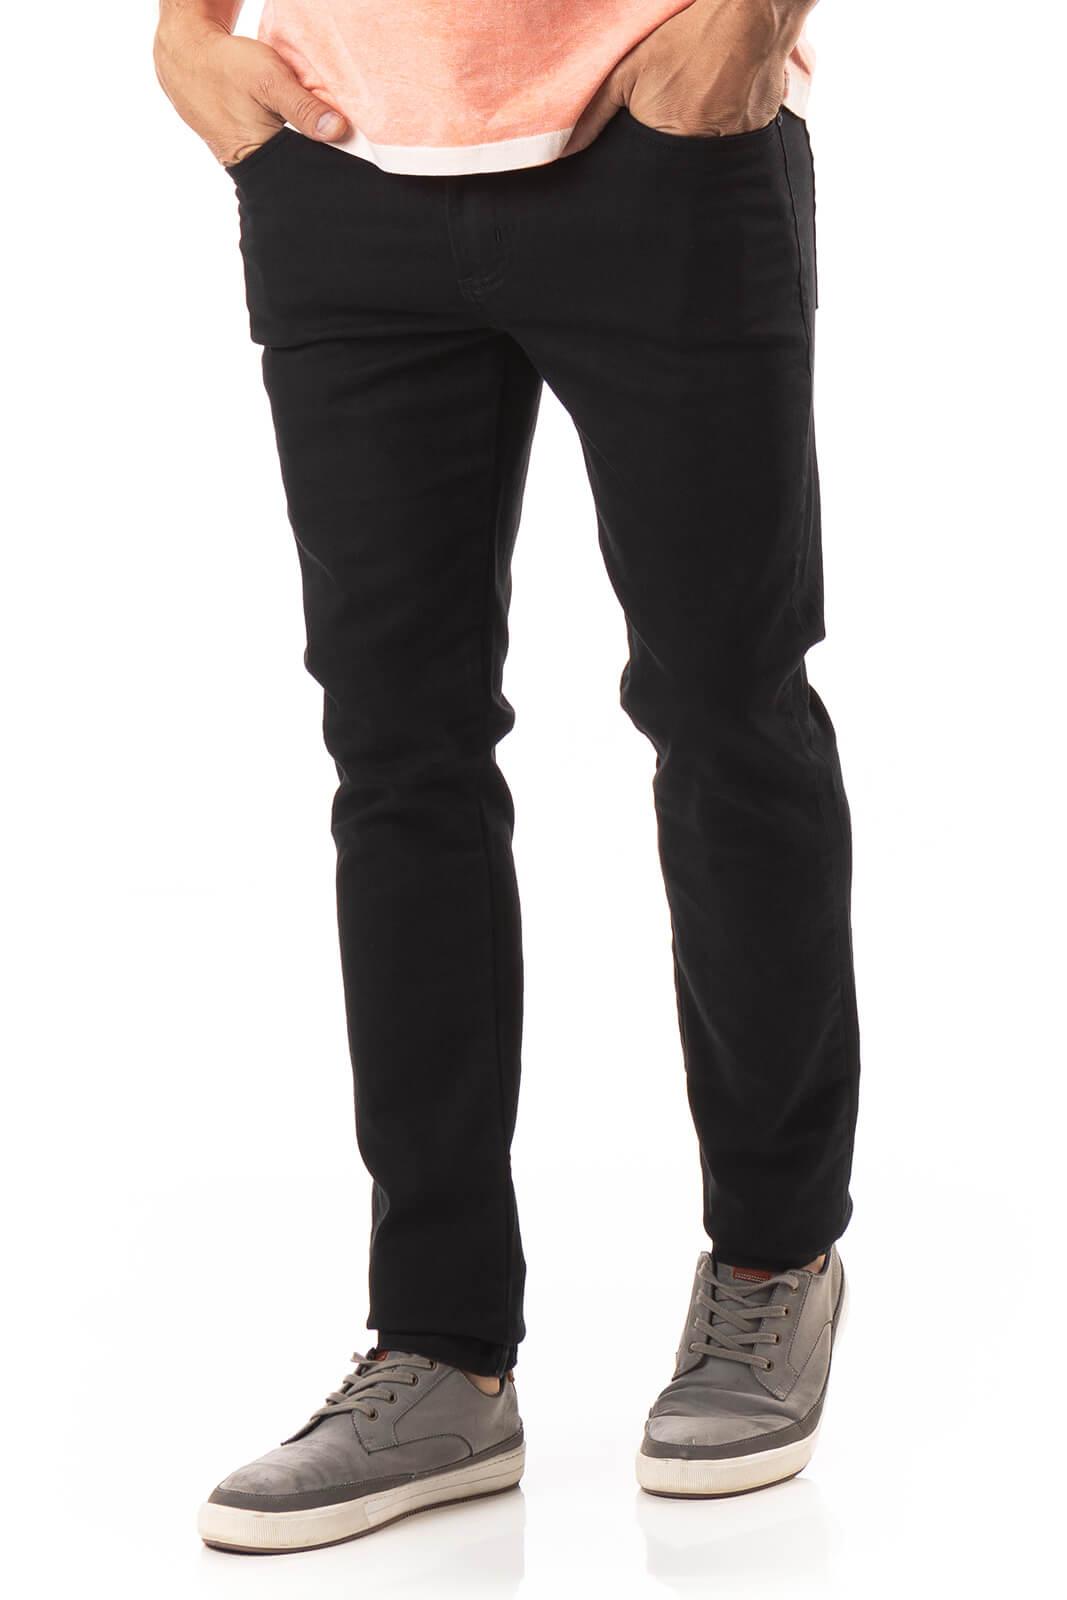 Calça Masculina Jeans Preta com Elastano